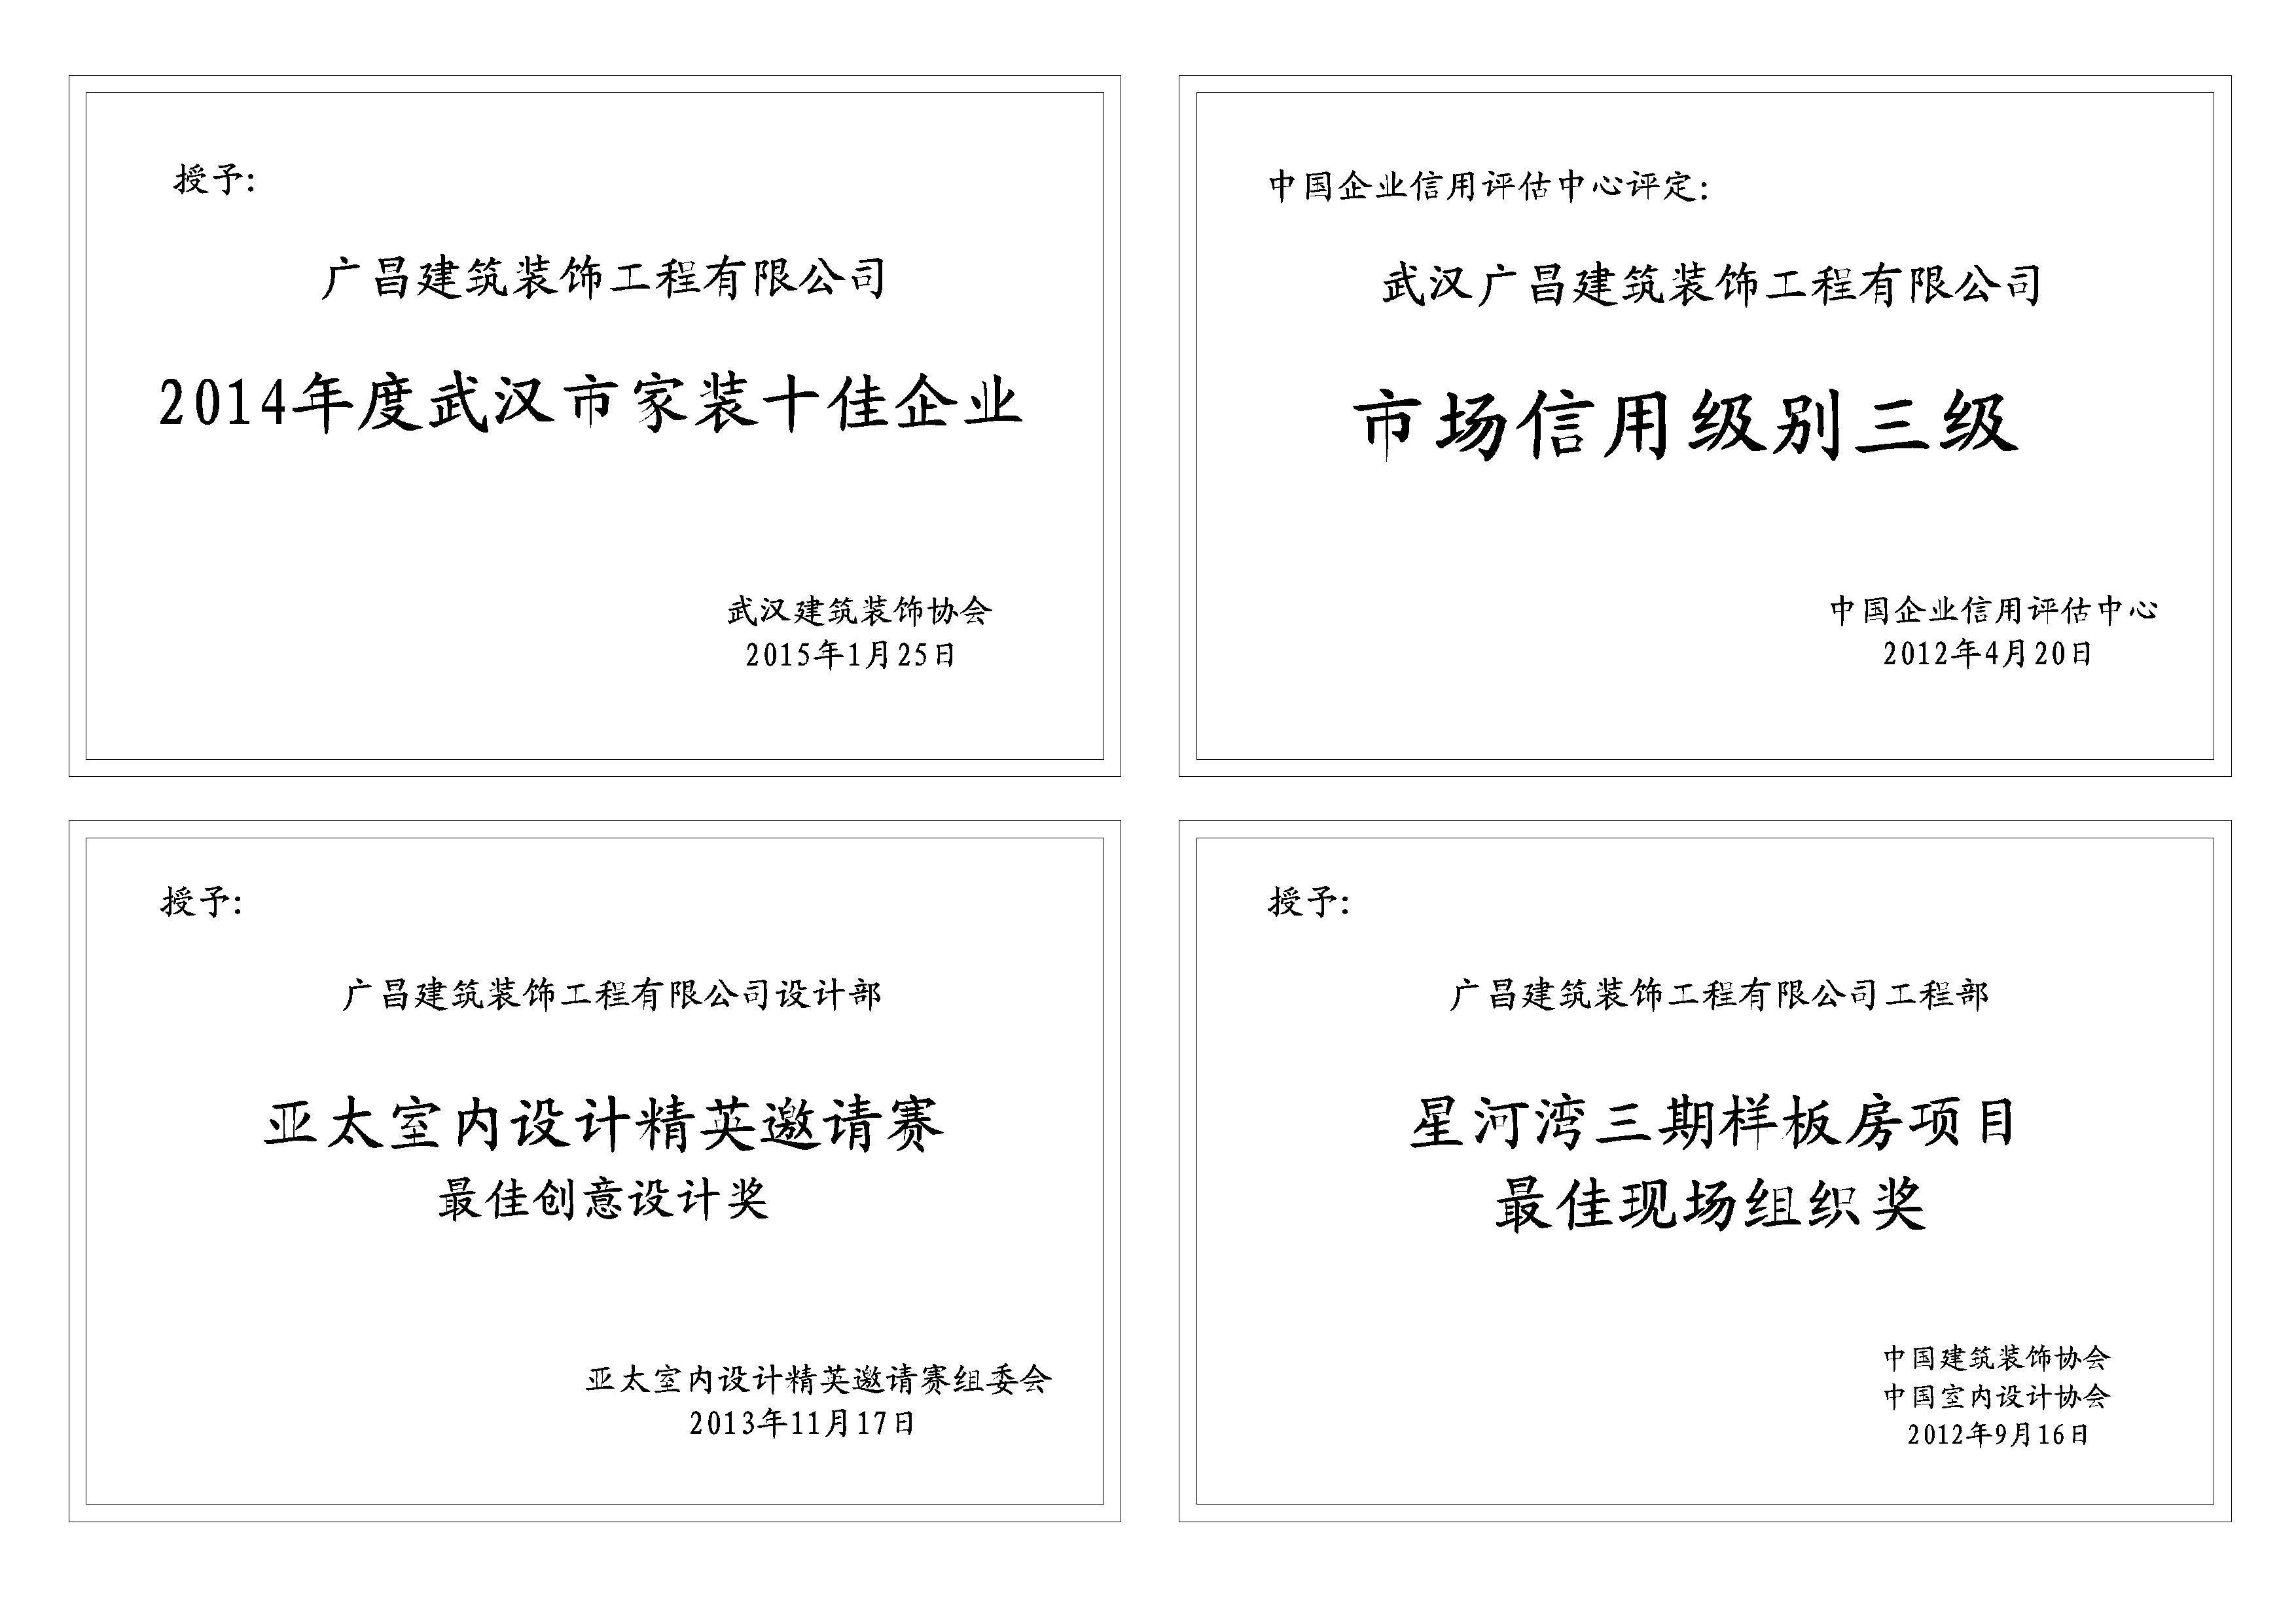 广昌建筑装饰工程有限公司公司编制了一套行之有效的管理系统